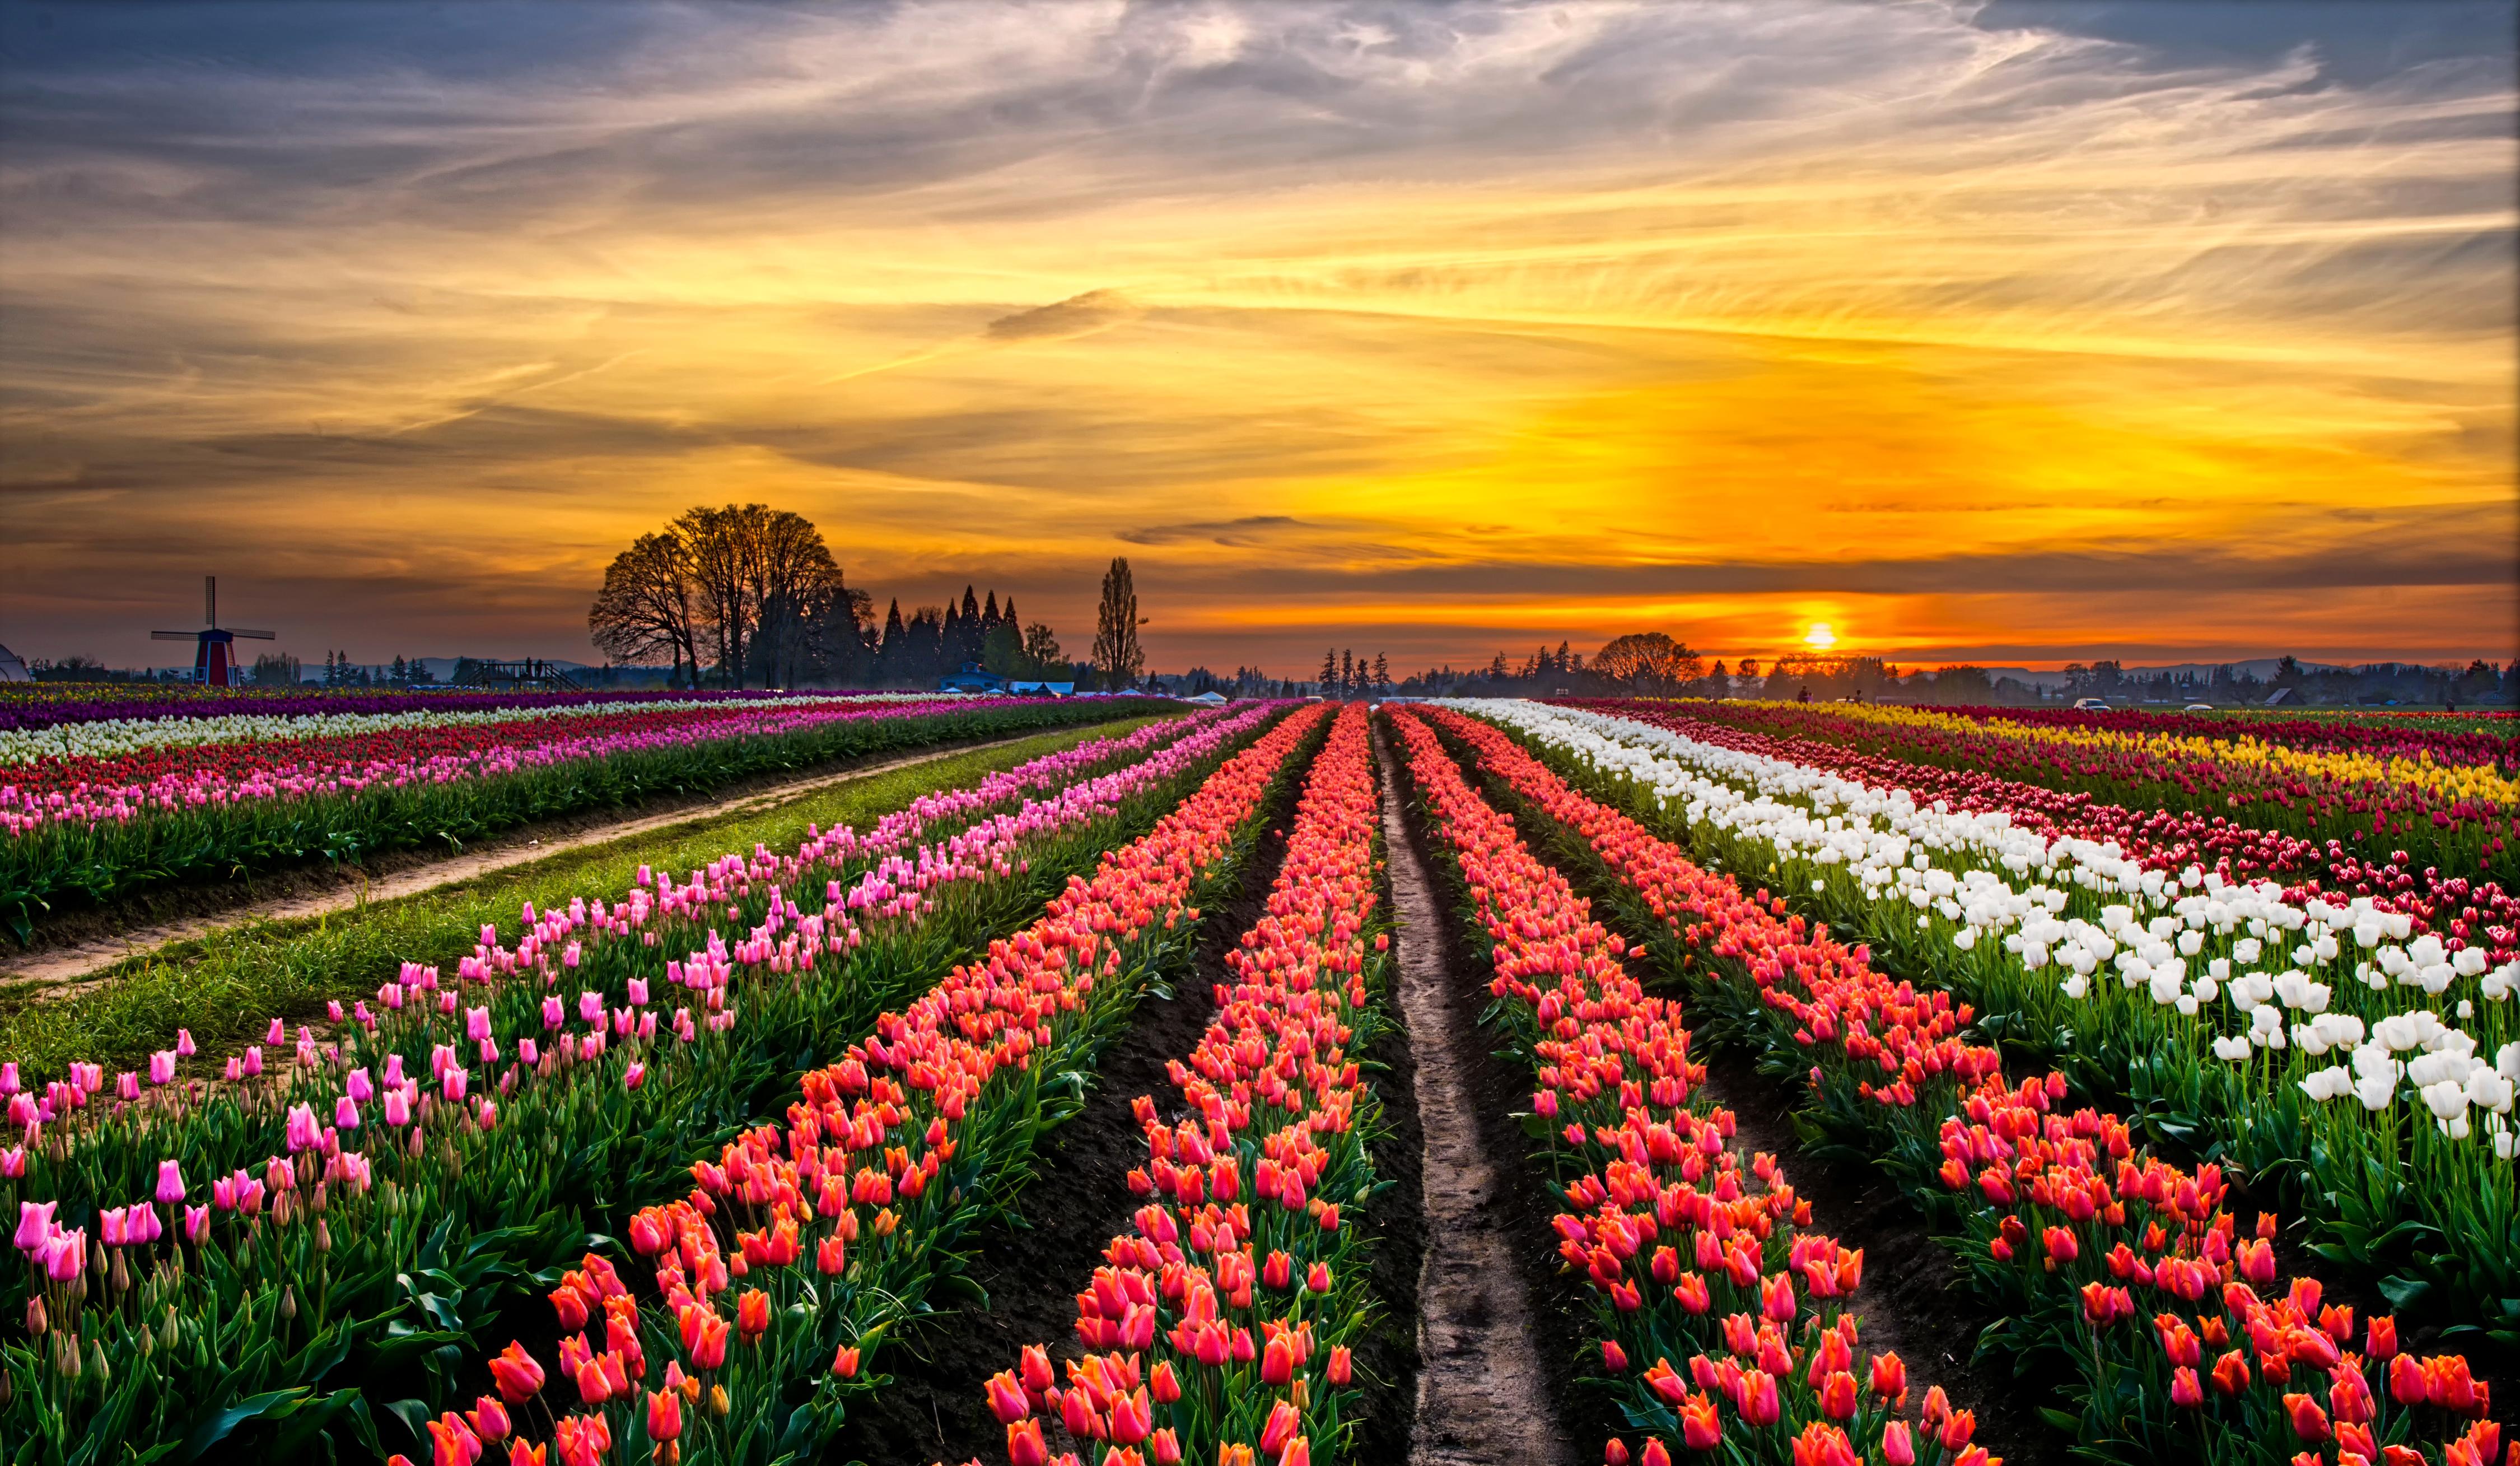 архитектура страны цветы тюльпаны желтые пейзаж  № 2568560 бесплатно